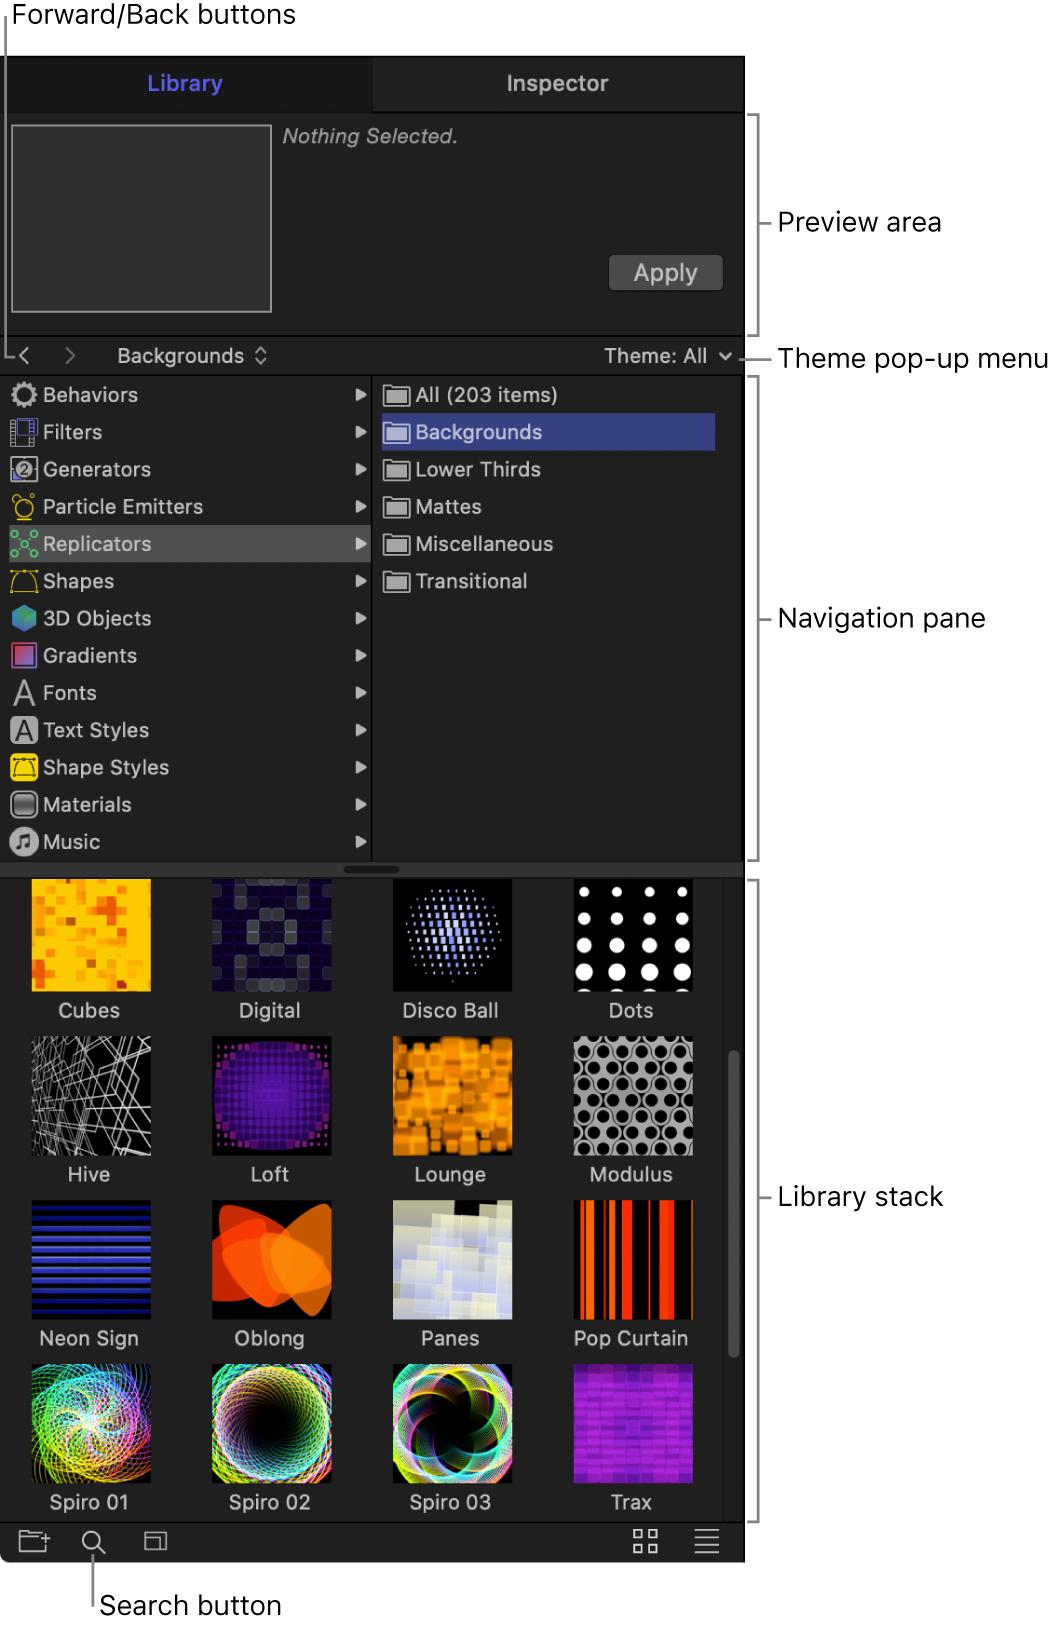 Áreas de la biblioteca: área de previsualización, botones para desplazarse adelante y atrás, menú desplegable Tema, panel de navegación, pila de la biblioteca y botón de búsqueda